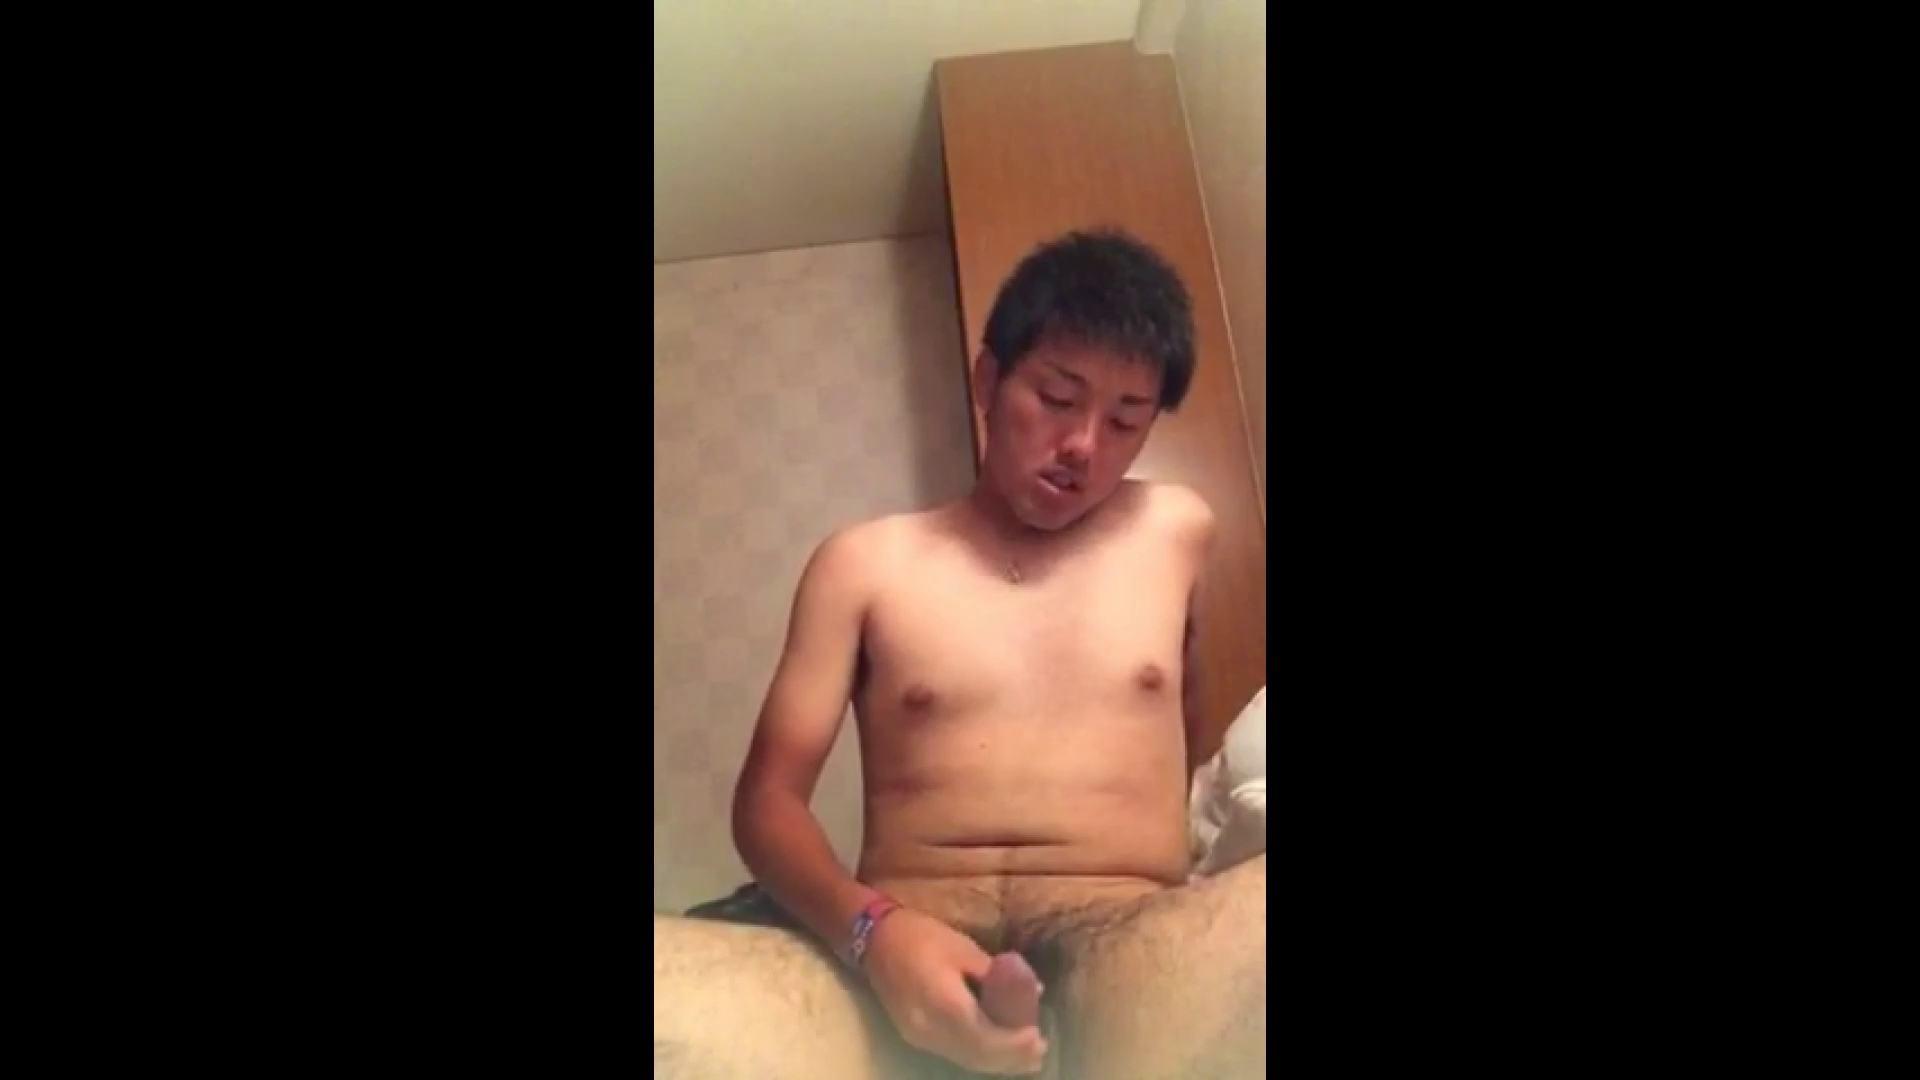 キター!ノンケちゃんオナニー特集vol.29 モザイク無し ゲイ無修正ビデオ画像 107pic 55